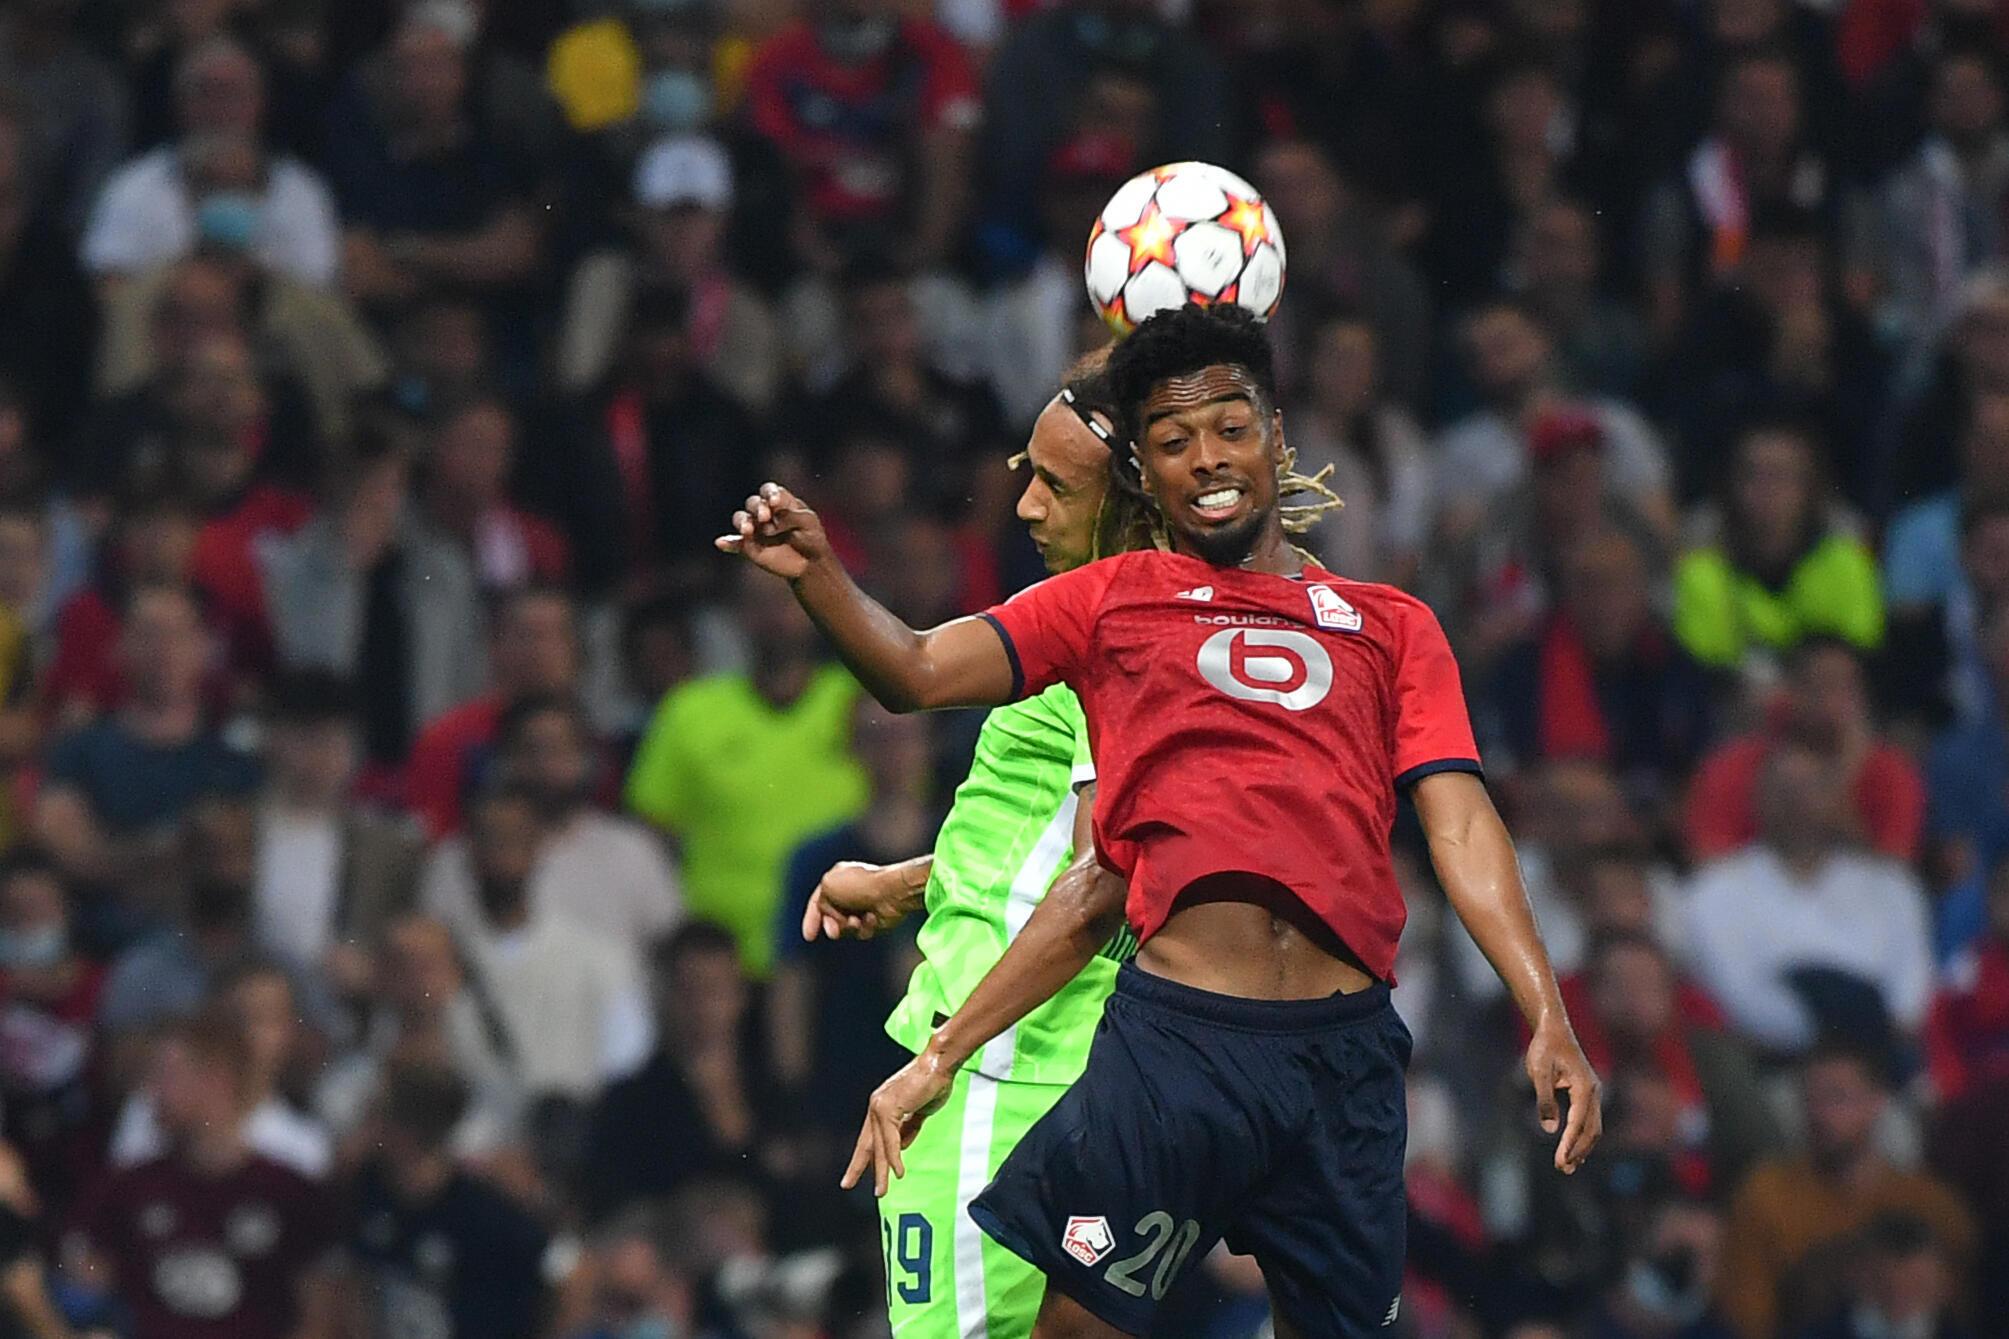 L'attaquant de Lille Angel Gomes et le défenseur de Wolfsburg Kevin Mbabu, le 14 septembre 2021 en Ligue des champions à Lille